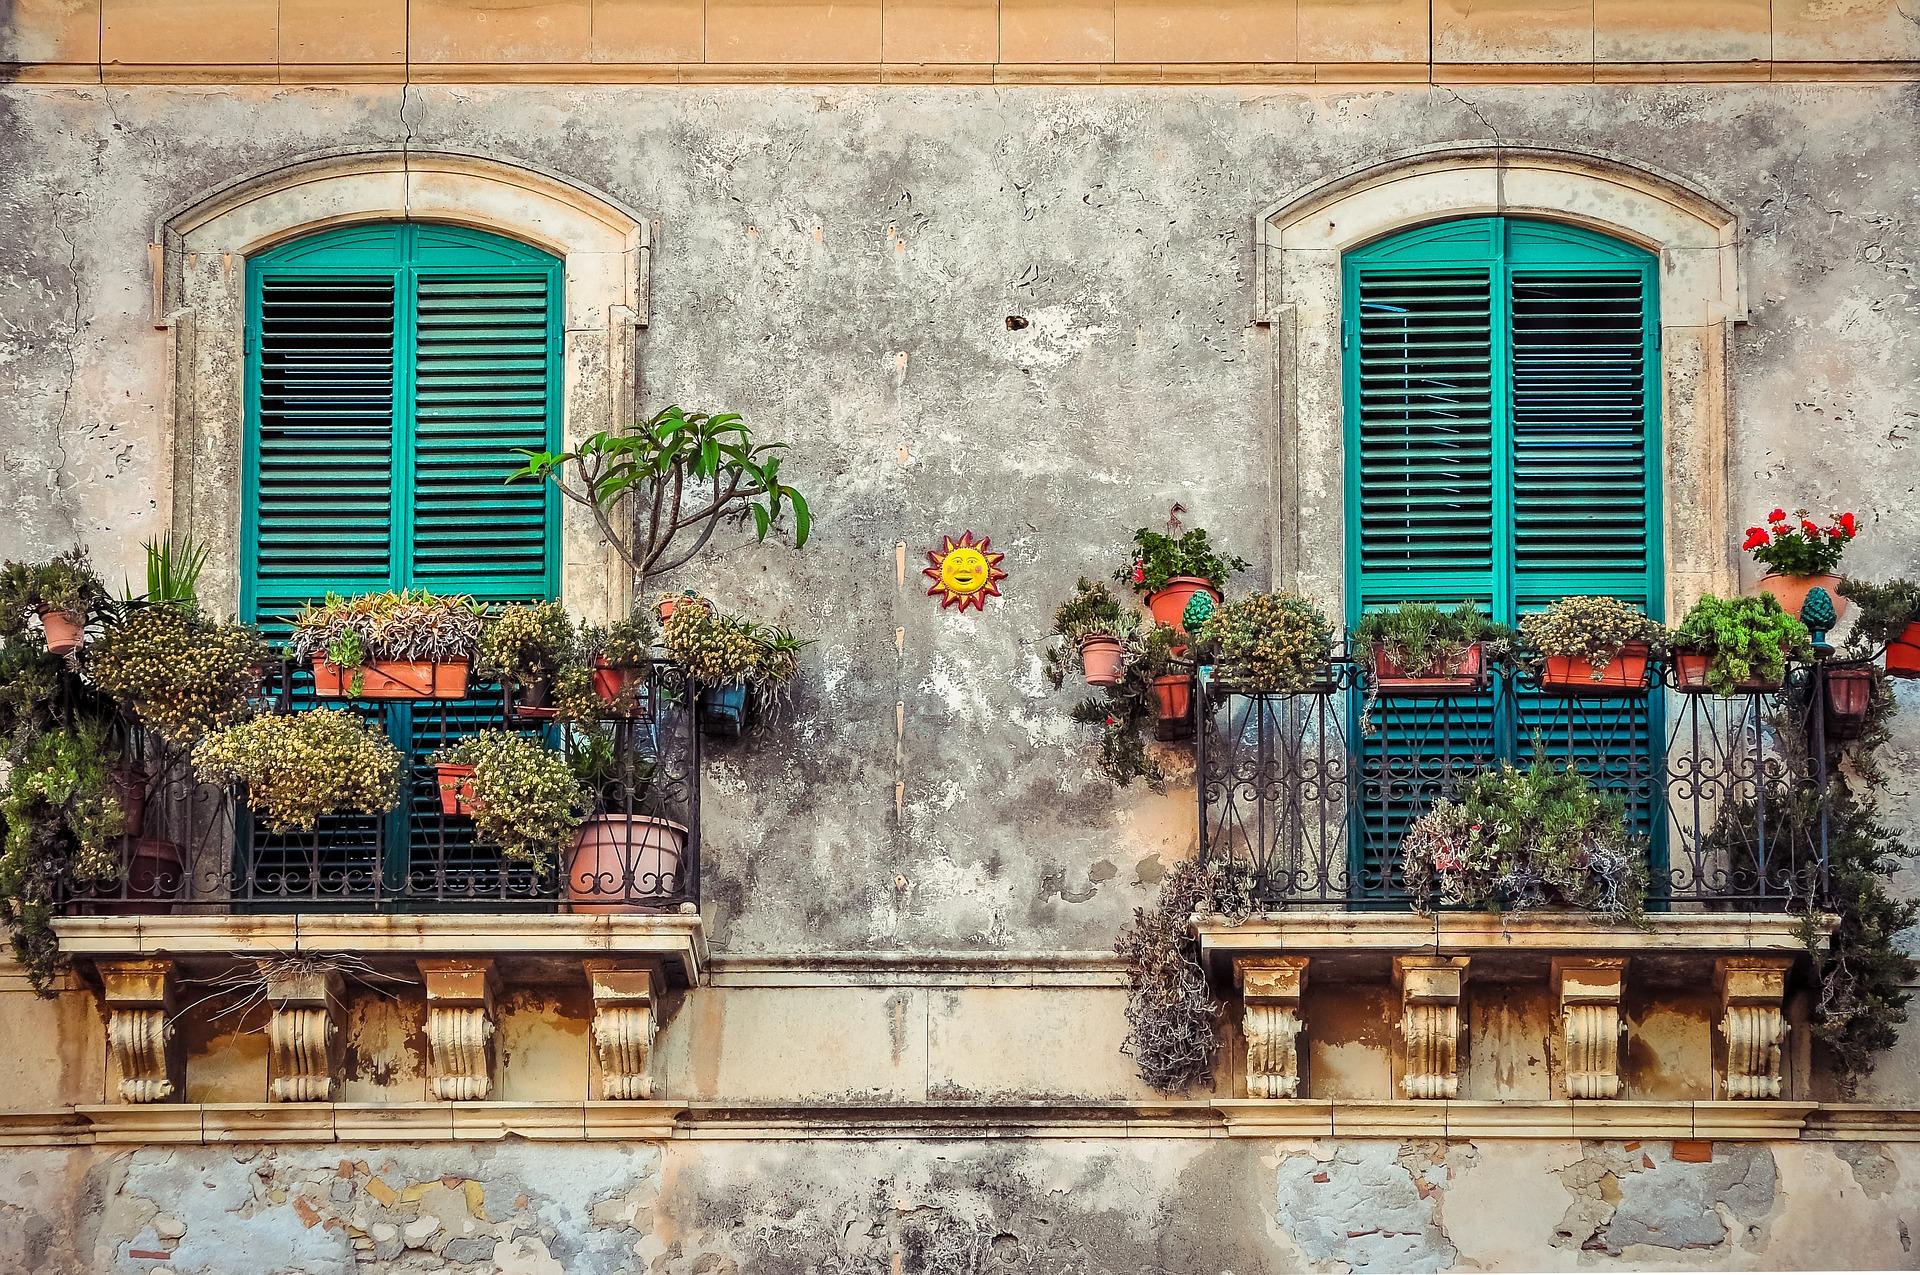 Бесплатная фотография: балкон, куба, дом, цвет, фиеста - бес.